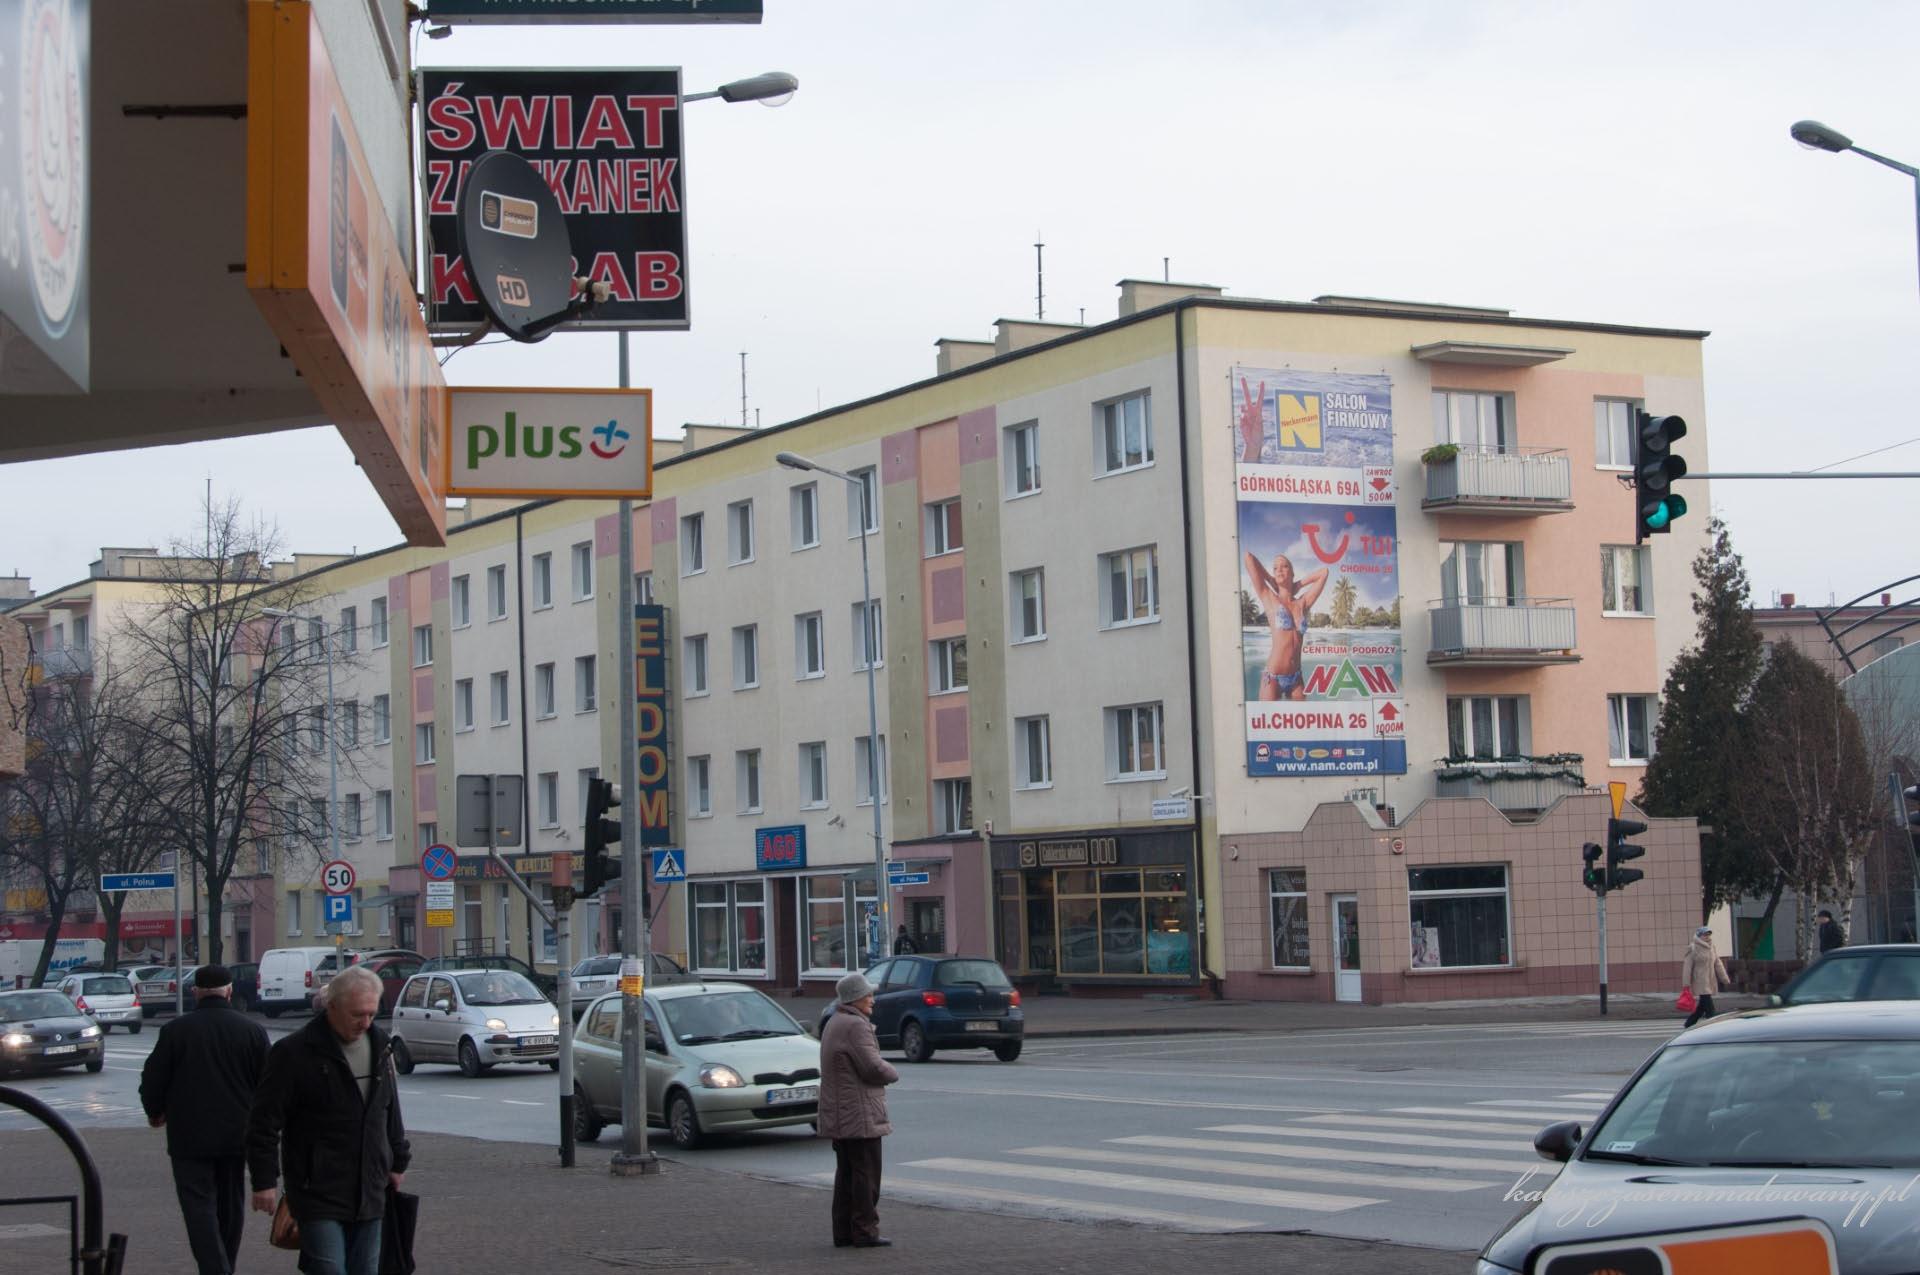 Gornoslaska-09